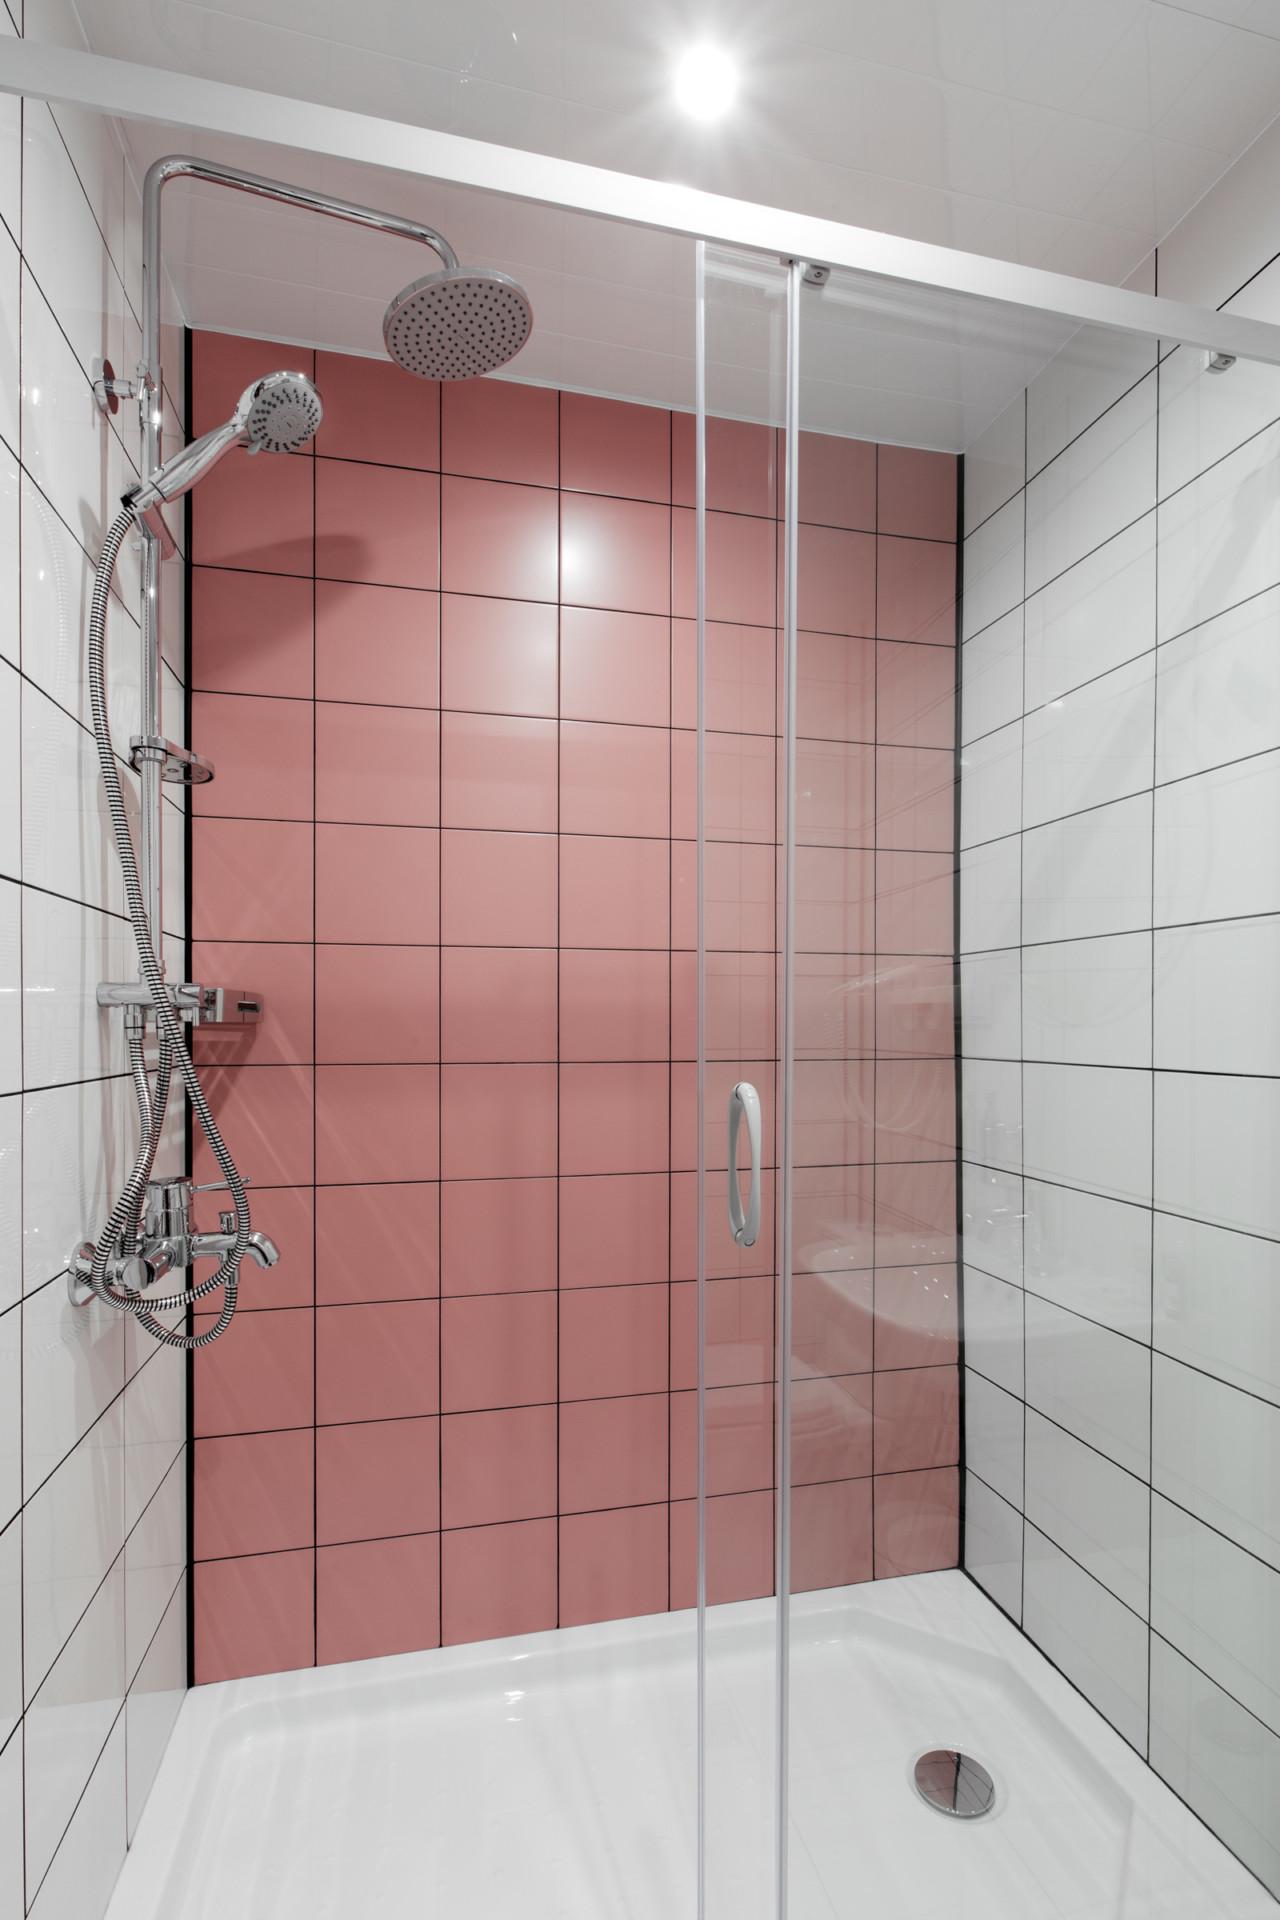 The Pokrovka 6 Hotel, hotel boutique che gioca con i colori | Collater.al 18